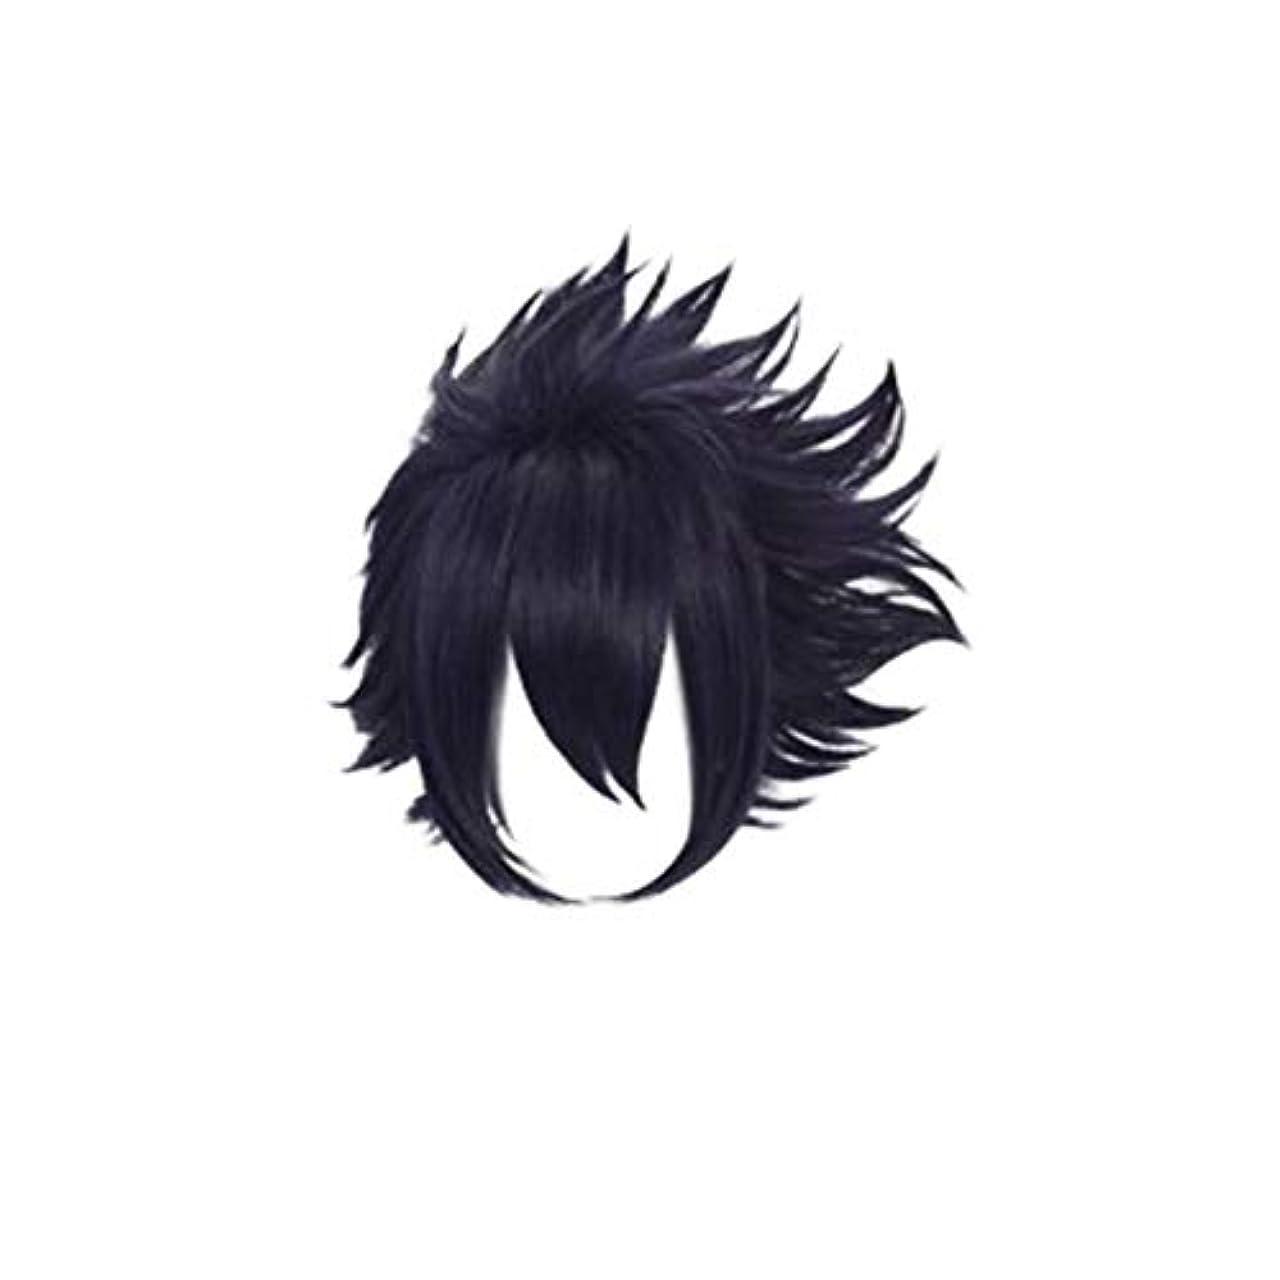 全能船酔い圧倒するKoloeplf コスプレウィッグパープル人工毛フルウィッグ自然に見える耐熱ウィッグ (Color : Black)